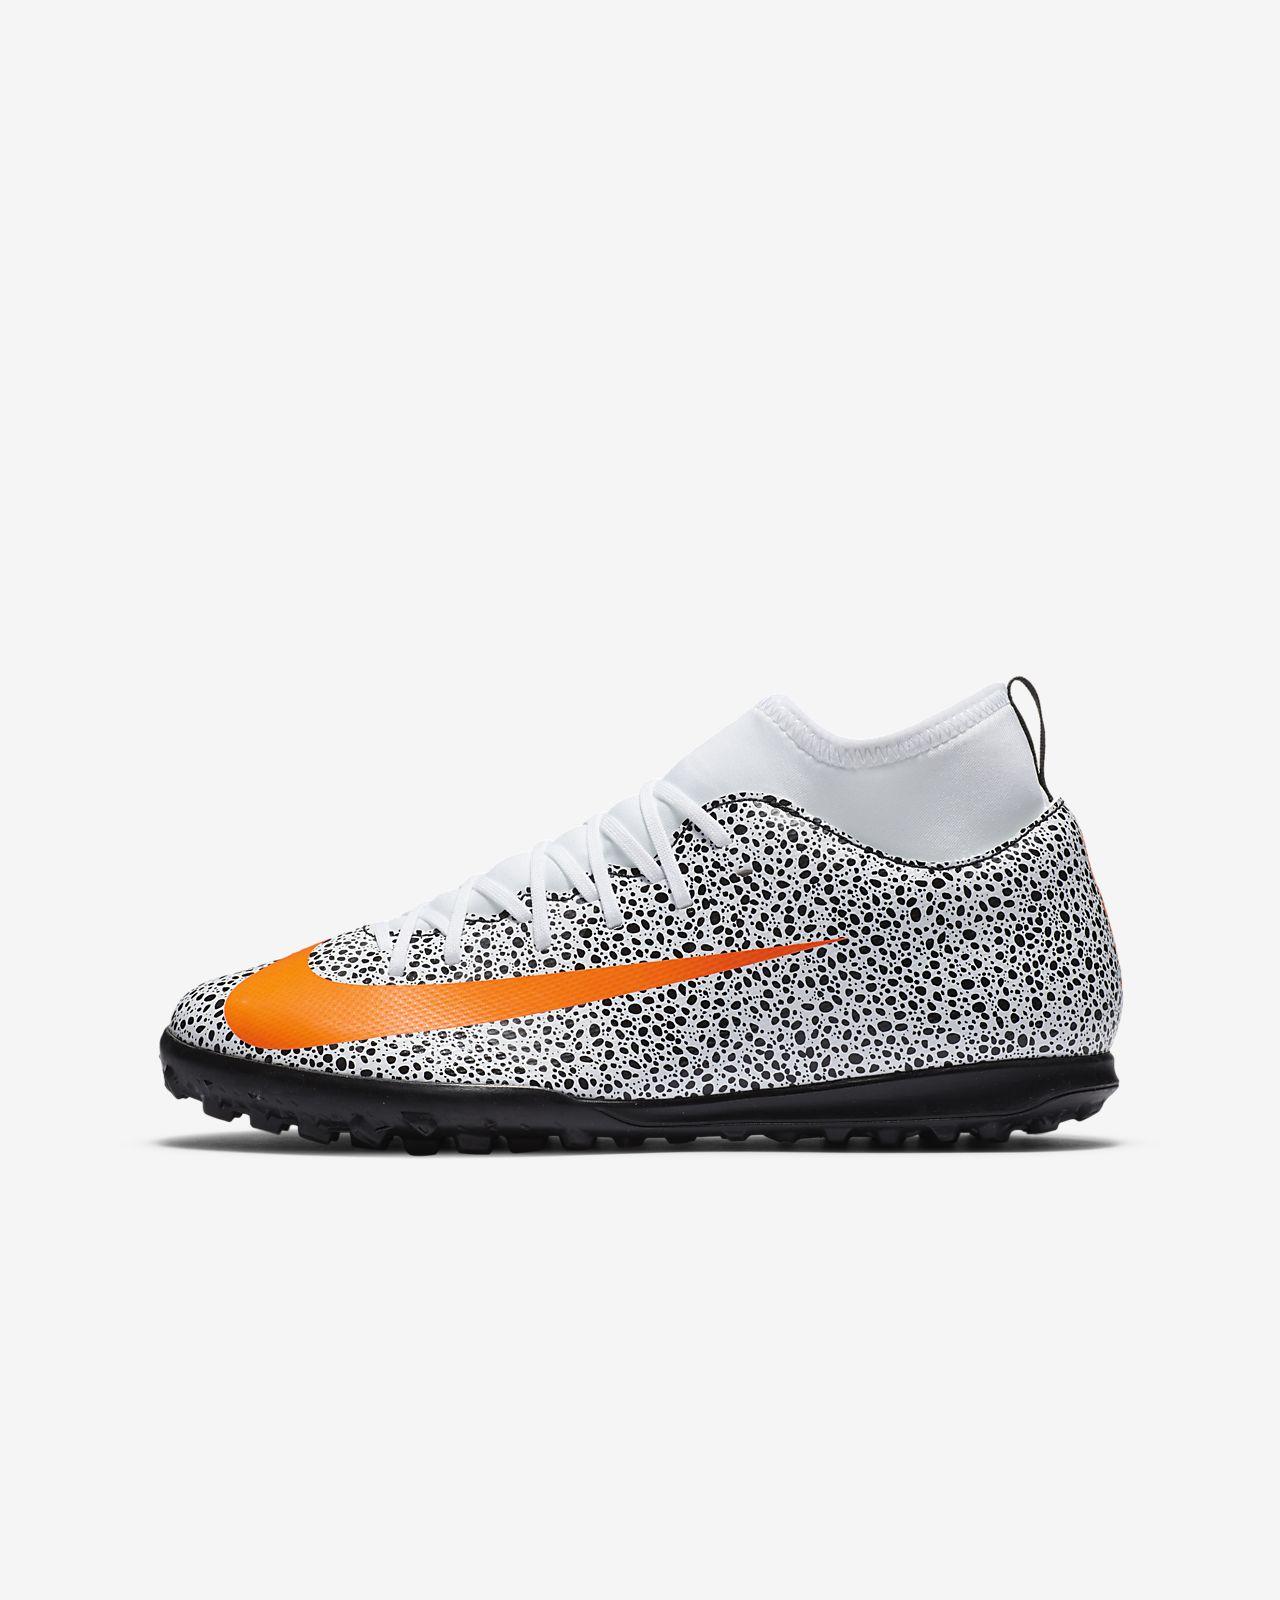 Ποδοσφαιρικό παπούτσι για τεχνητό χλοοτάπητα Nike Jr. Mercurial Superfly 7 Club CR7 Safari TF για μικρά/μεγάλα παιδιά